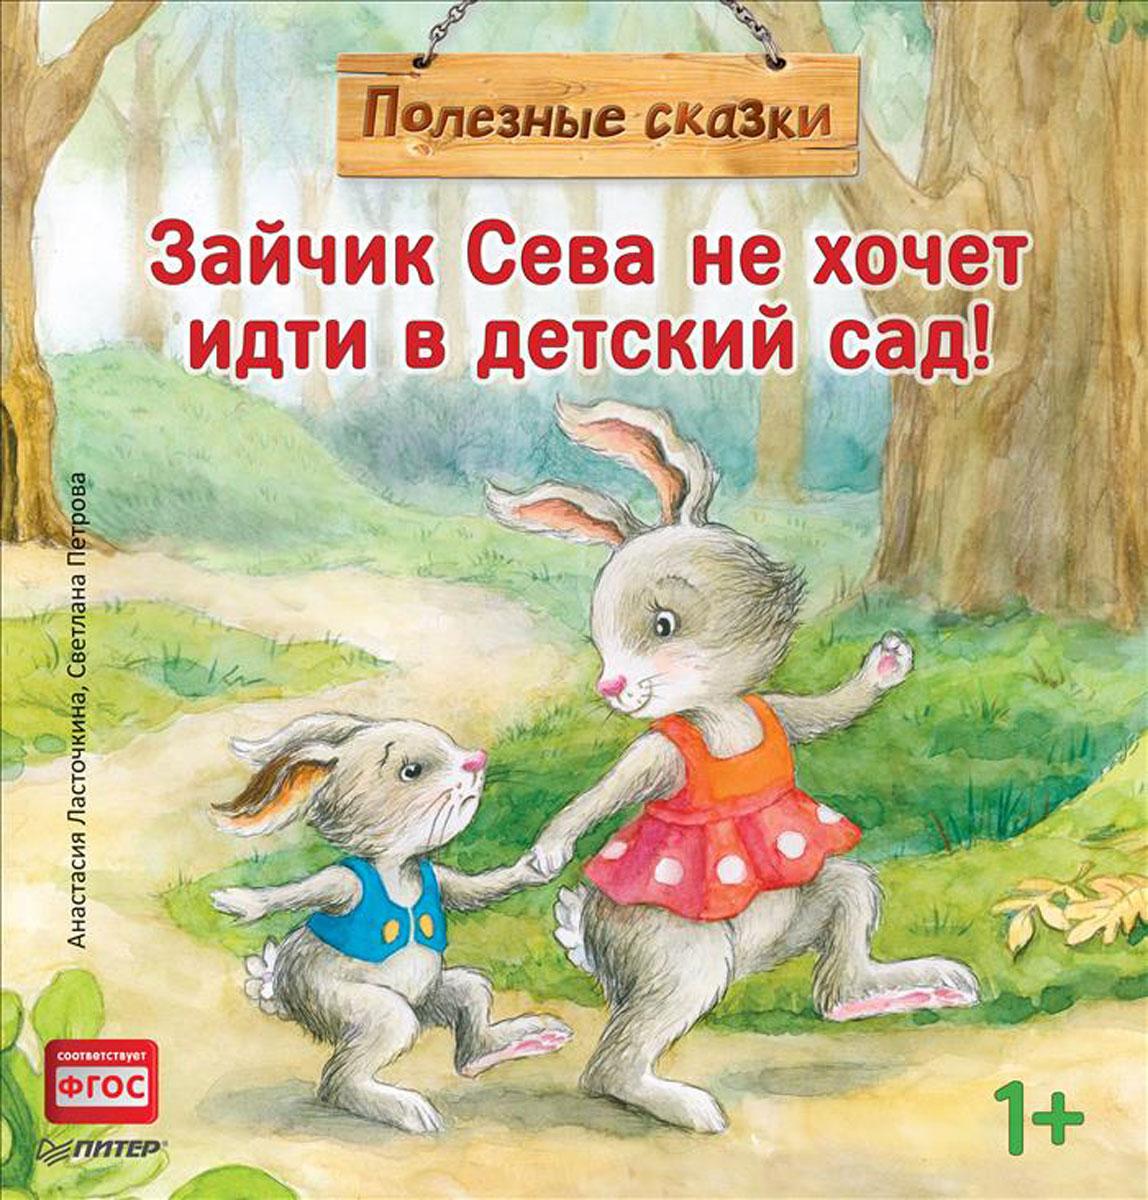 Анастасия Ласточкина, Светлана Петрова Зайчик Сева не хочет идти в детский сад! панасюк и пора в детский сад